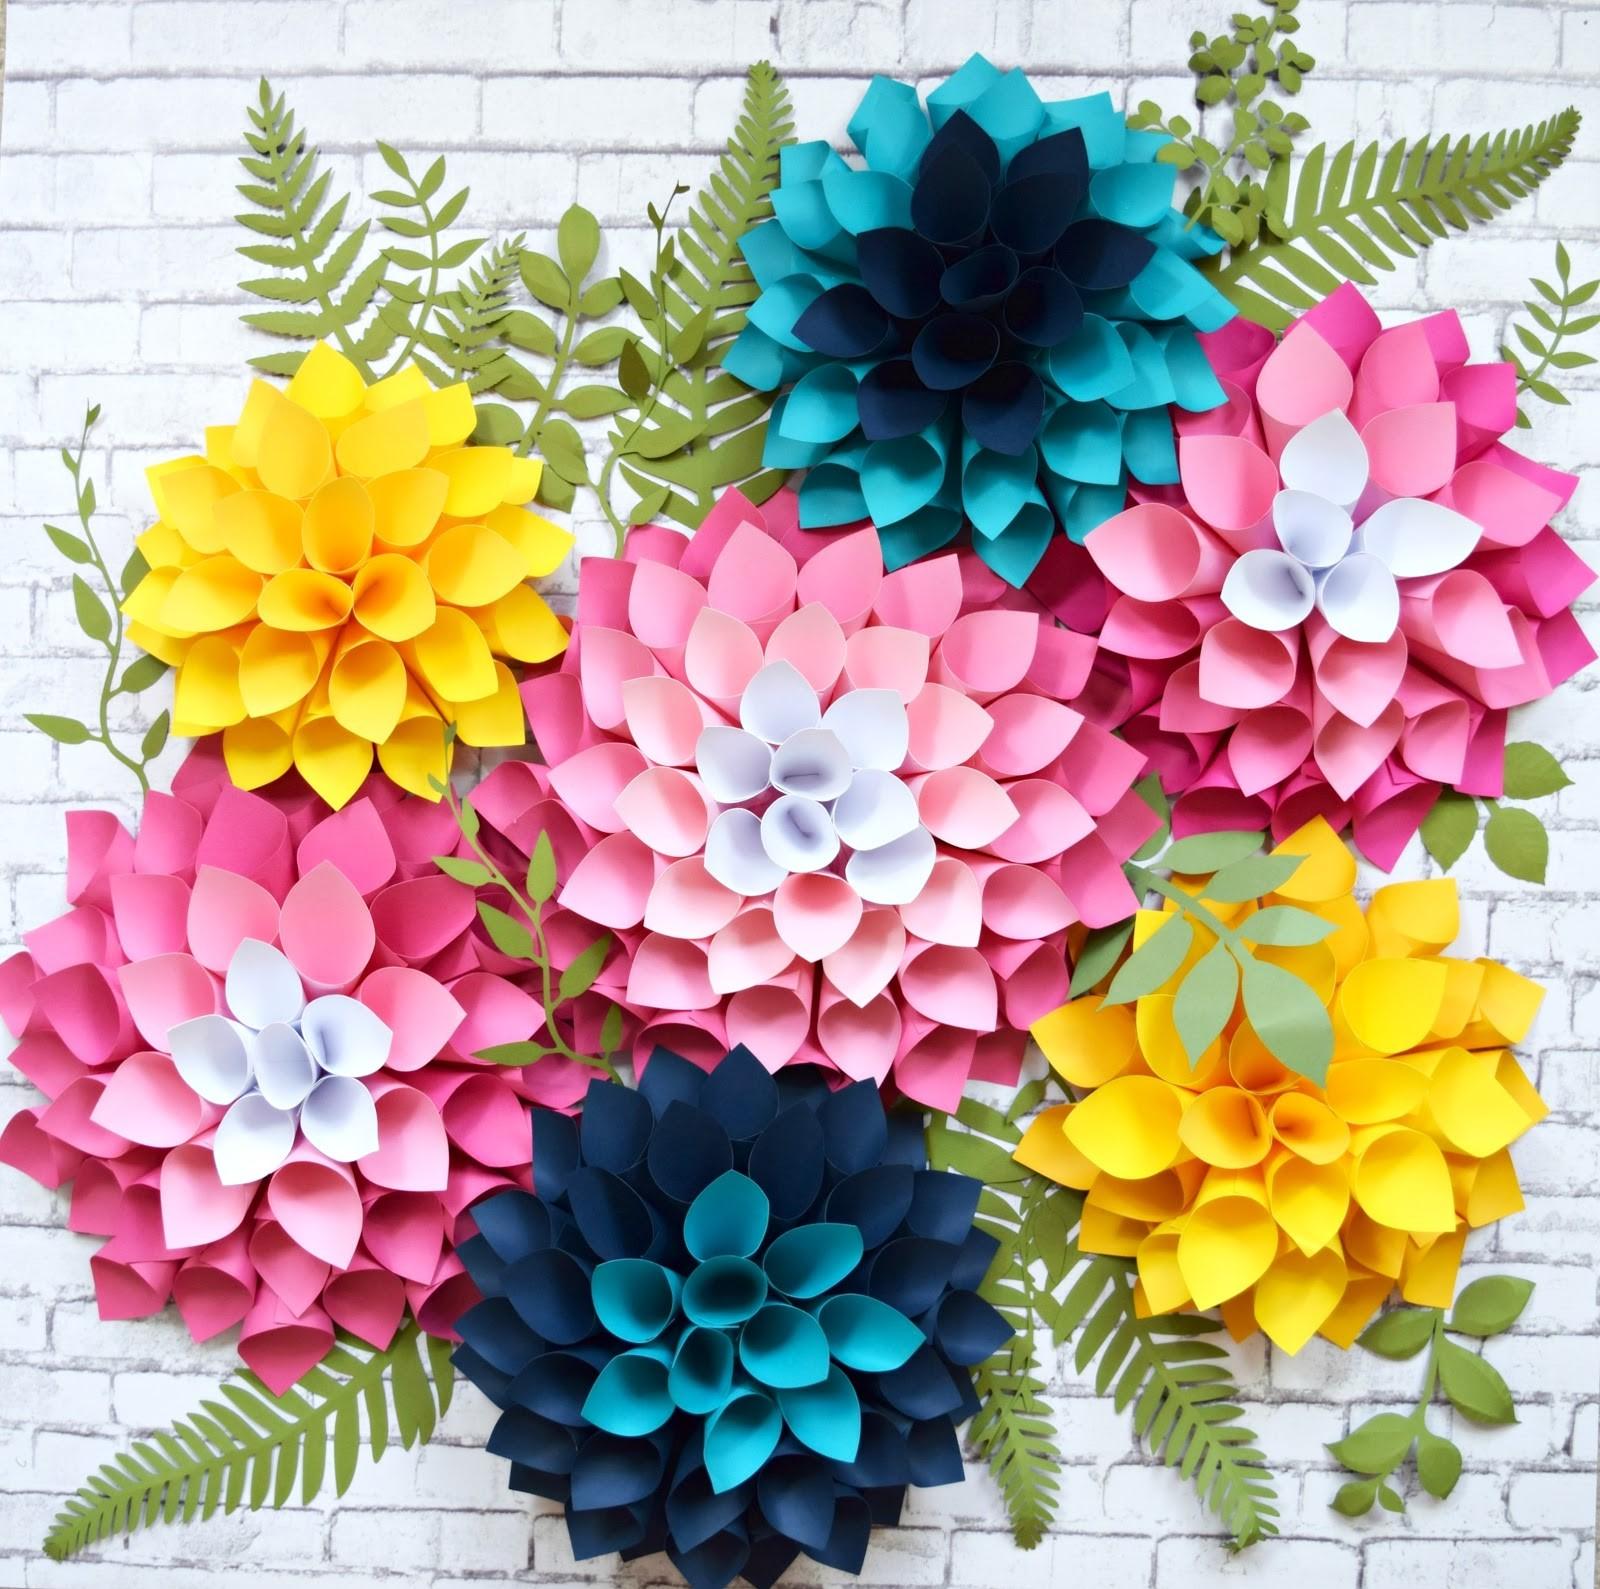 Décoration murale en fleurs en papier.